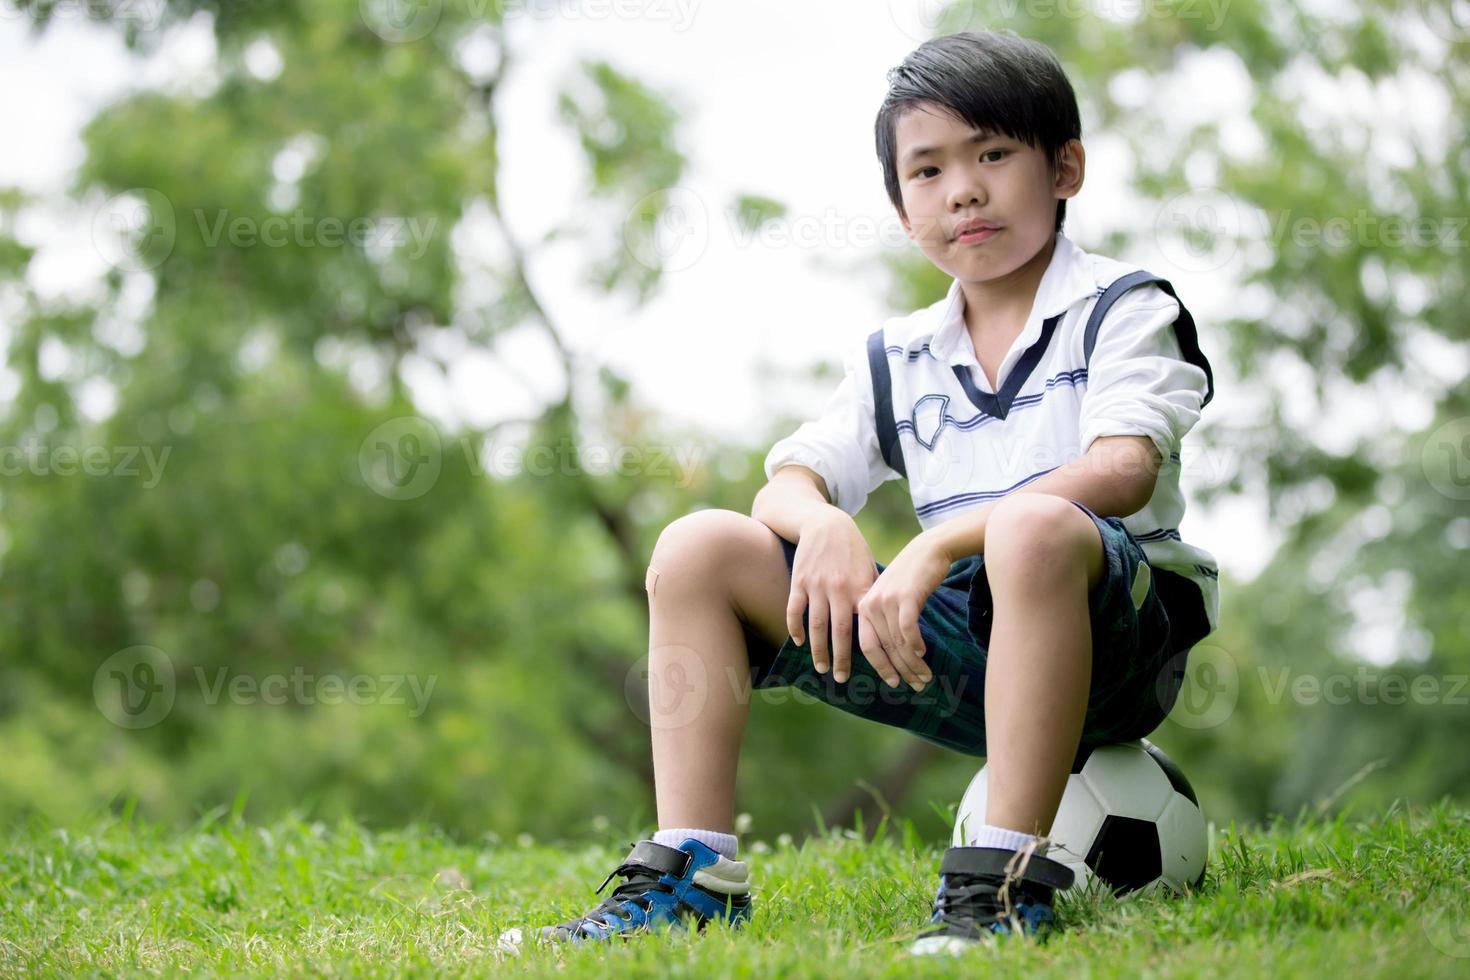 kleiner asiatischer Junge mit Fußball im Park foto